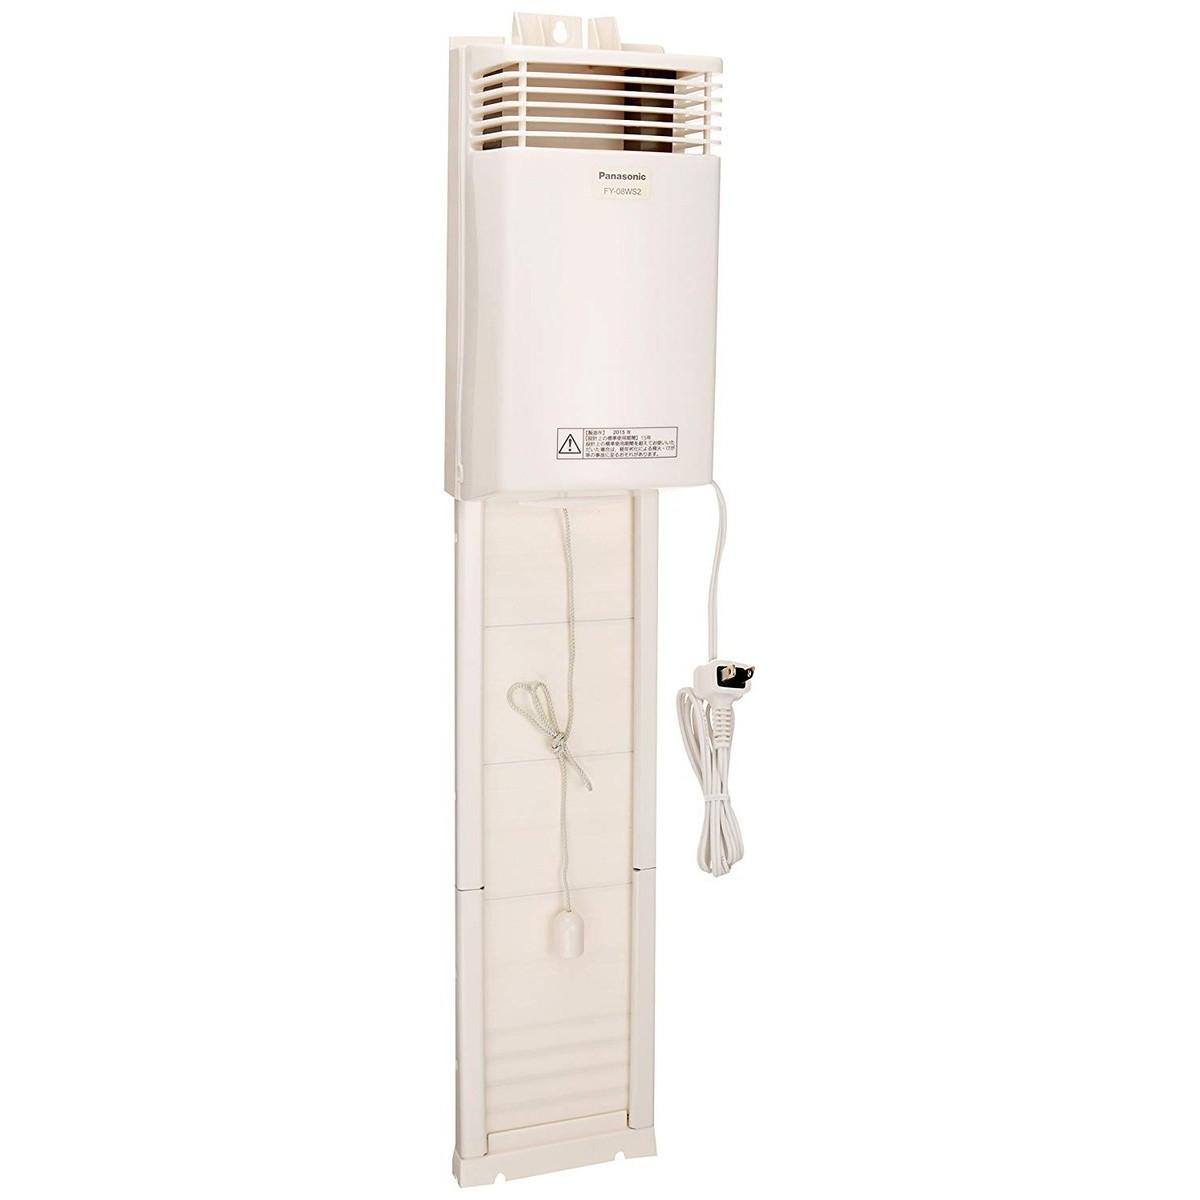 パナソニック(Panasonic) 水洗トイレ用換気扇 窓取付形 FY-08WS2